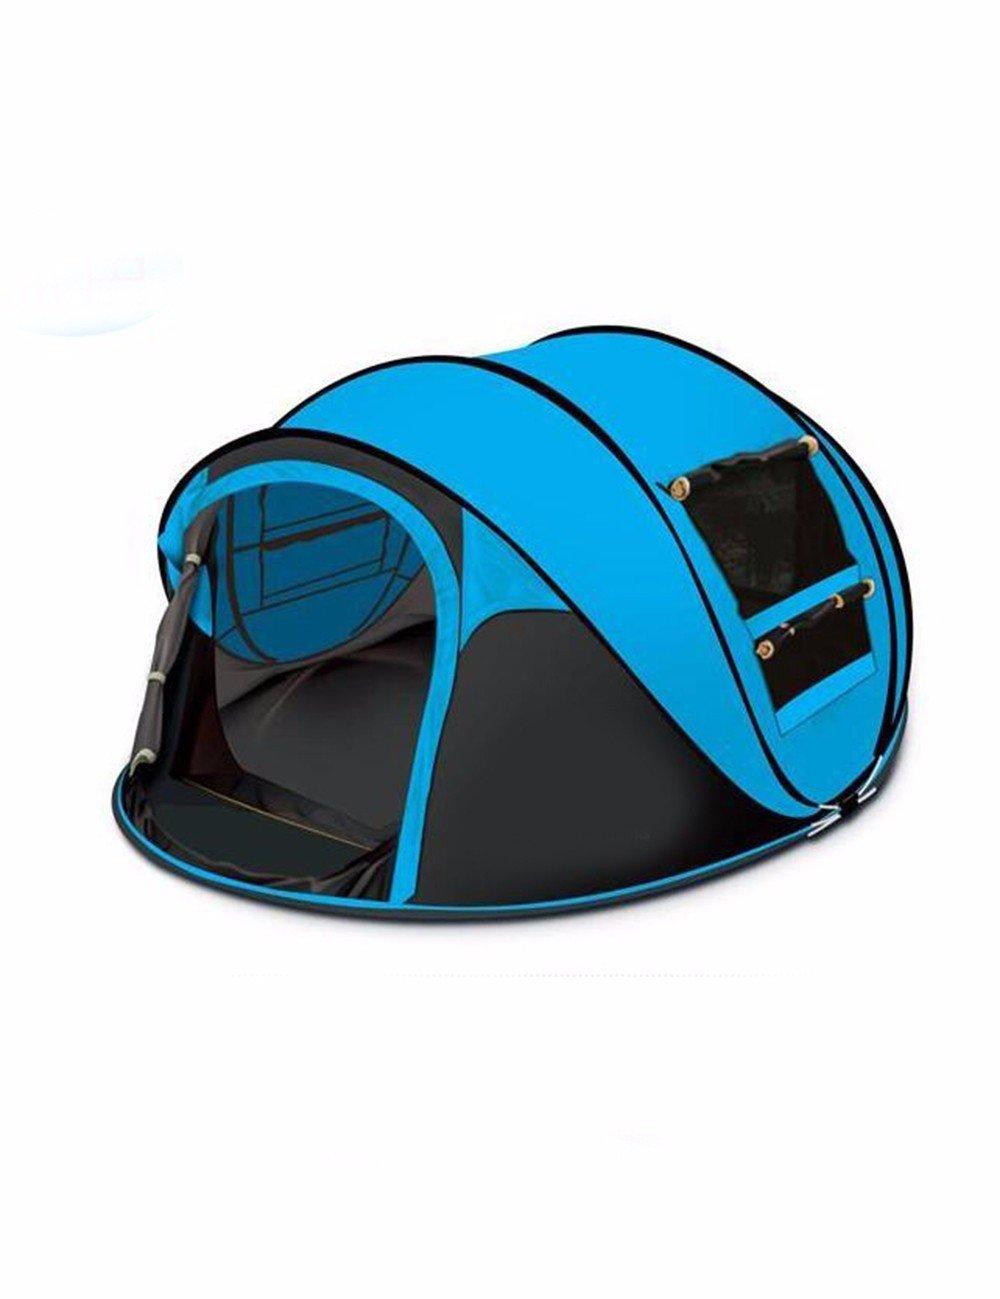 SJQKA-Großer Außenpool Platz 3-4 Personen Zelt, Yulu Bataillon Camping Zelt Sabotage, zwei Schlafzimmer und ein Wohnzimmer Full-Automatic Hayaaki Zelt